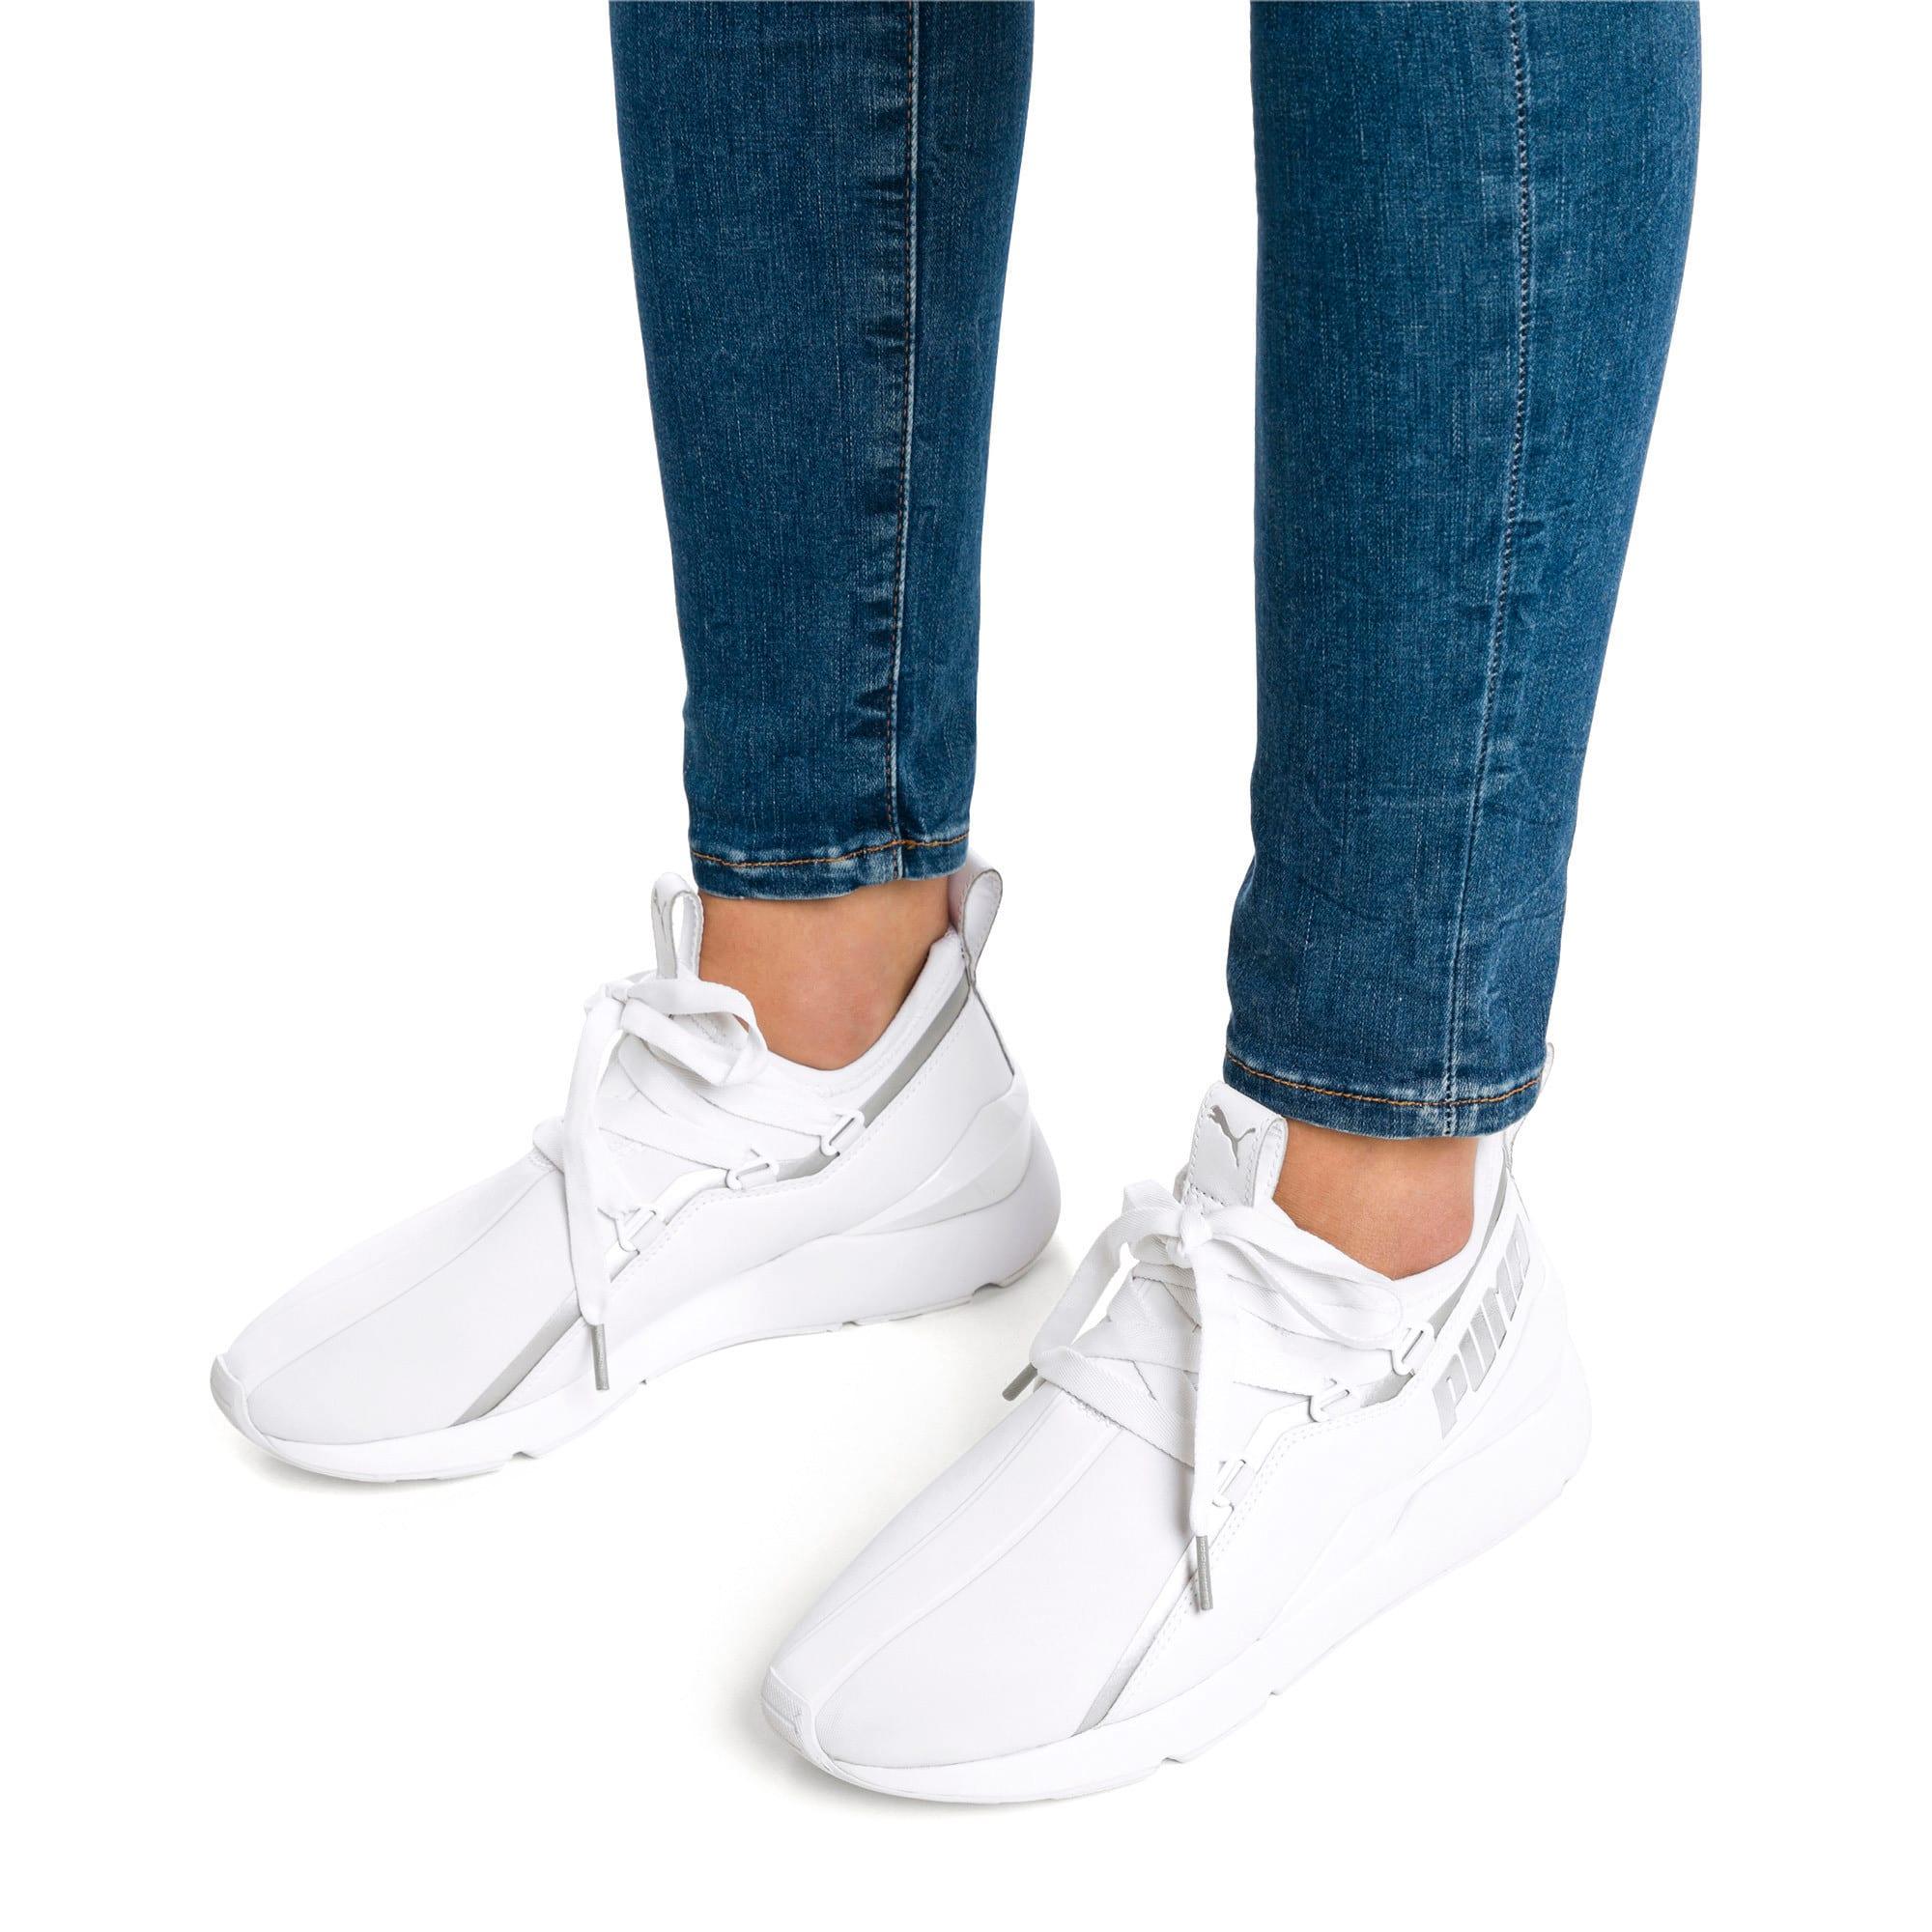 Miniatura 2 de Zapatos deportivos Muse2Trailblazer para mujer, Puma White-Puma Silver, mediano